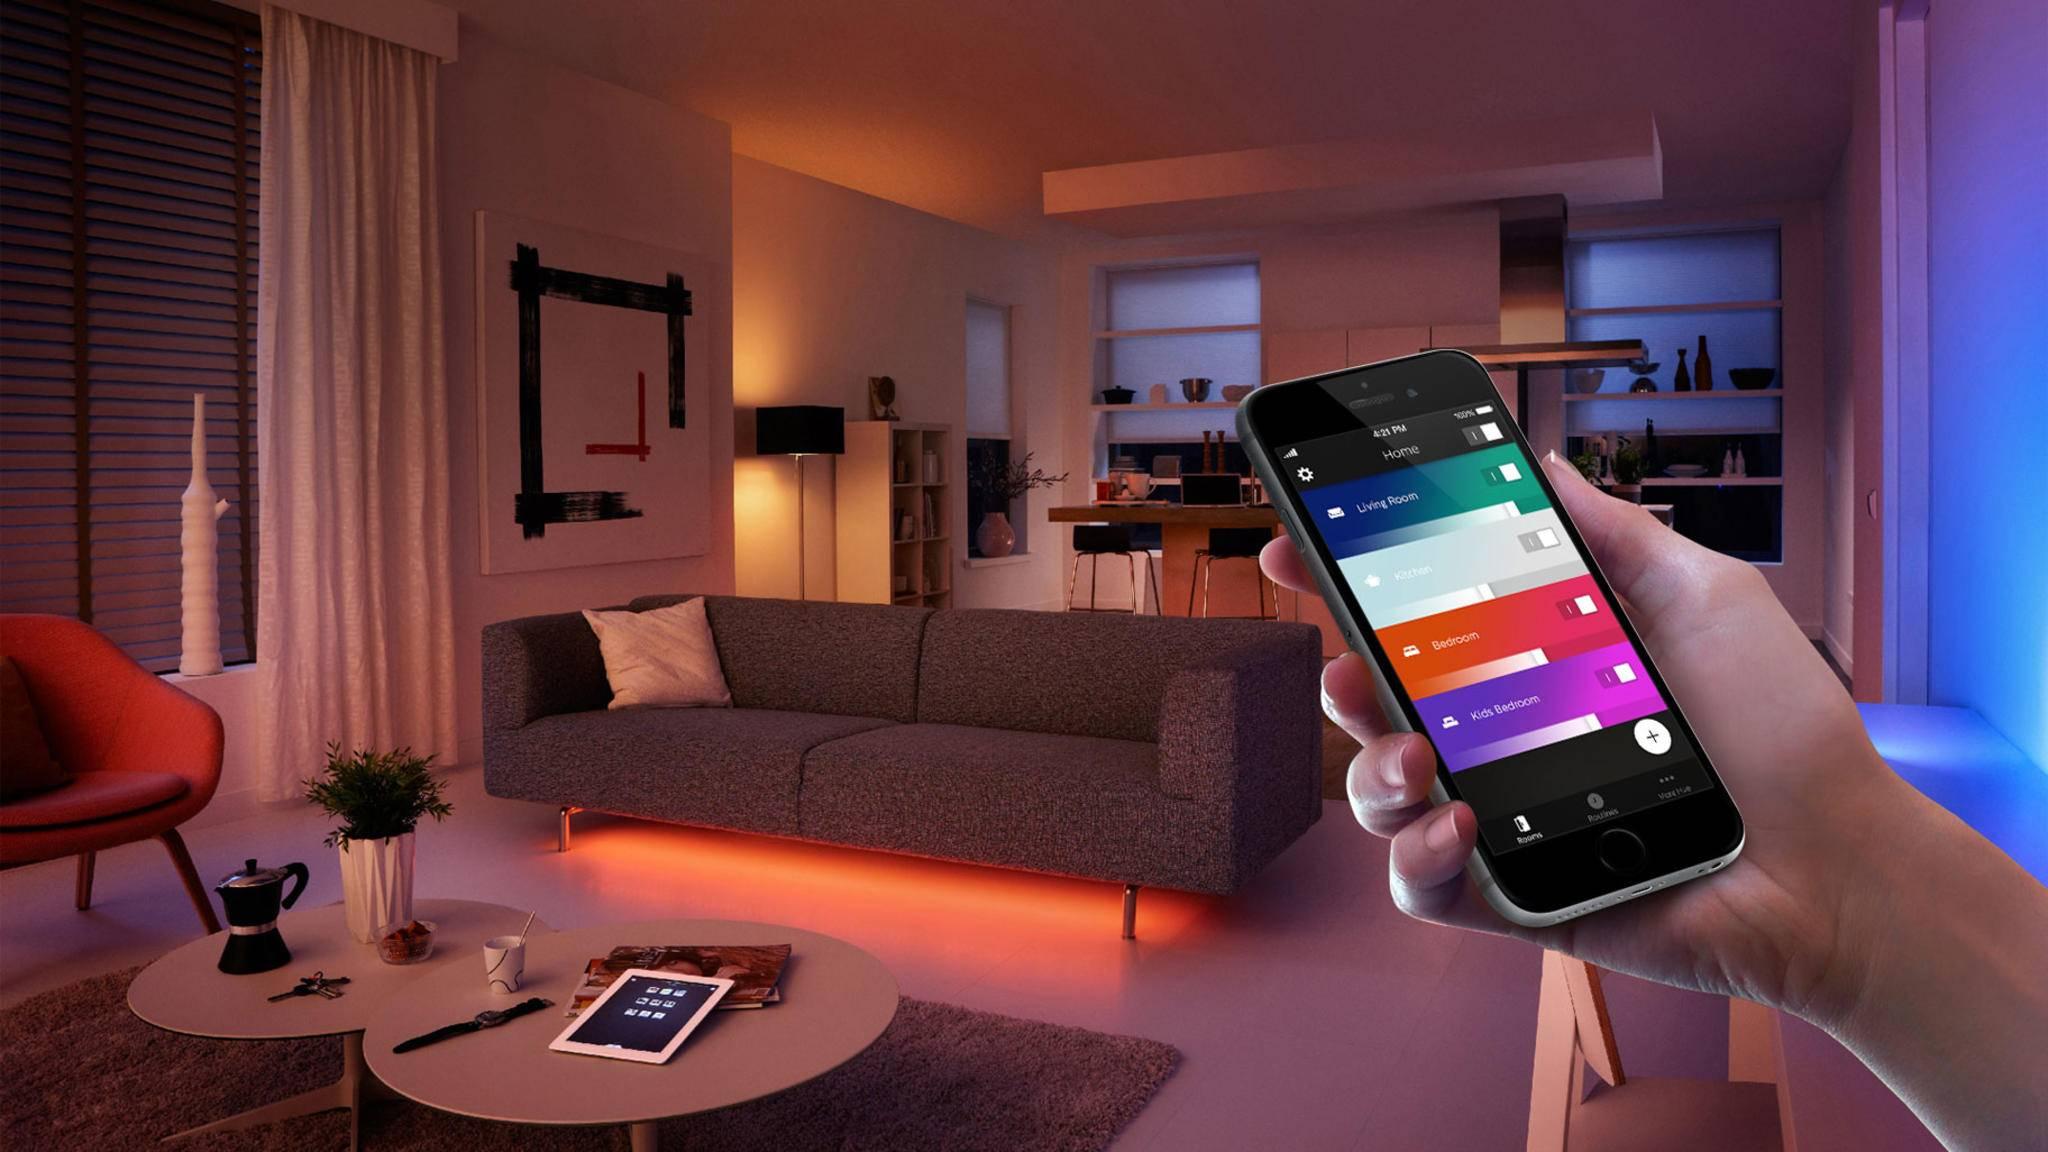 ... Smart Home Beleuchtung. Mit Den Richtigen Apps Holst Du Noch Mehr Aus  Philips Hue Heraus.